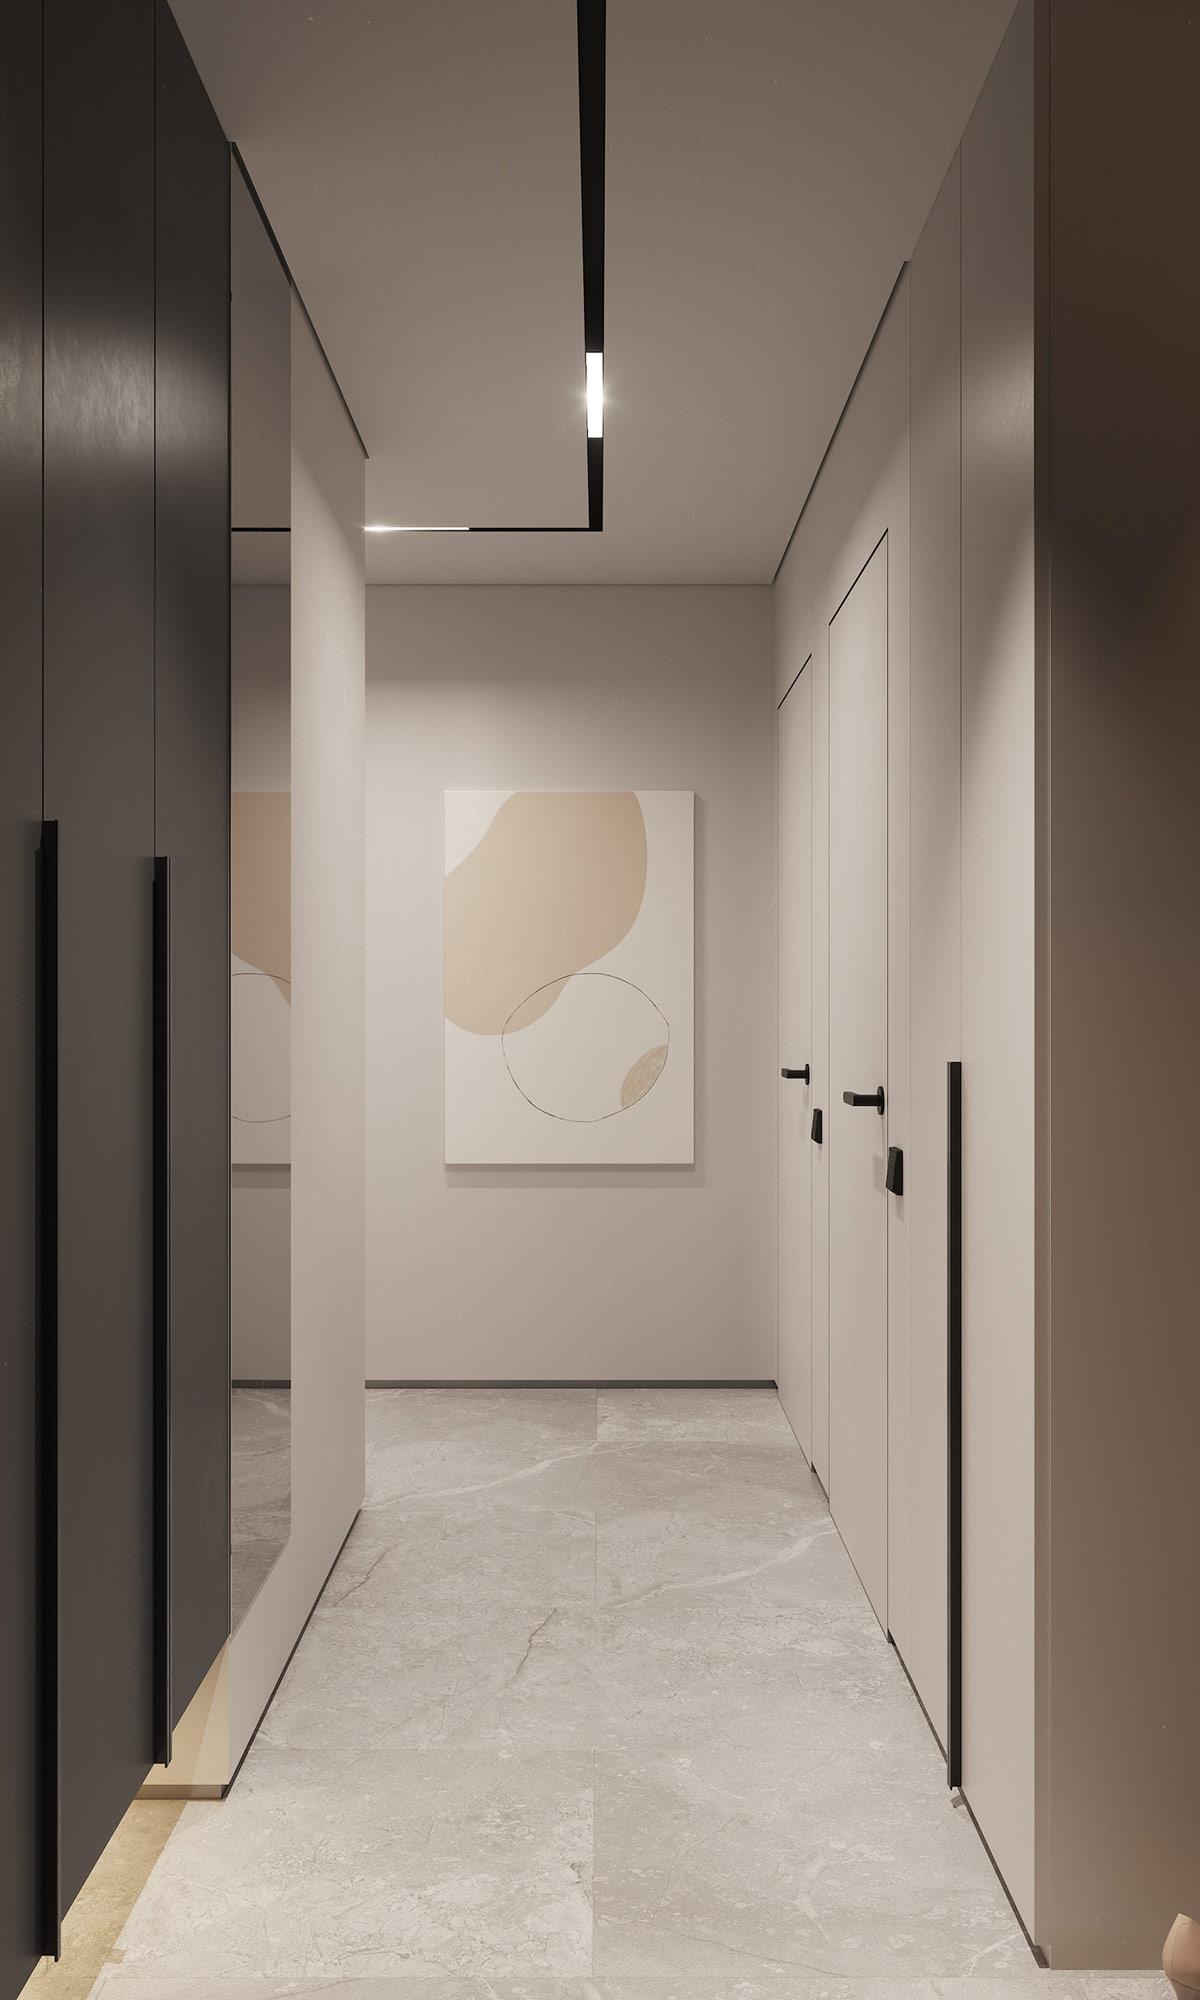 hình ảnh hành lang căn hộ với tranh nghệ thuật treo tường, hệ tủ quần áo cao kịch trần